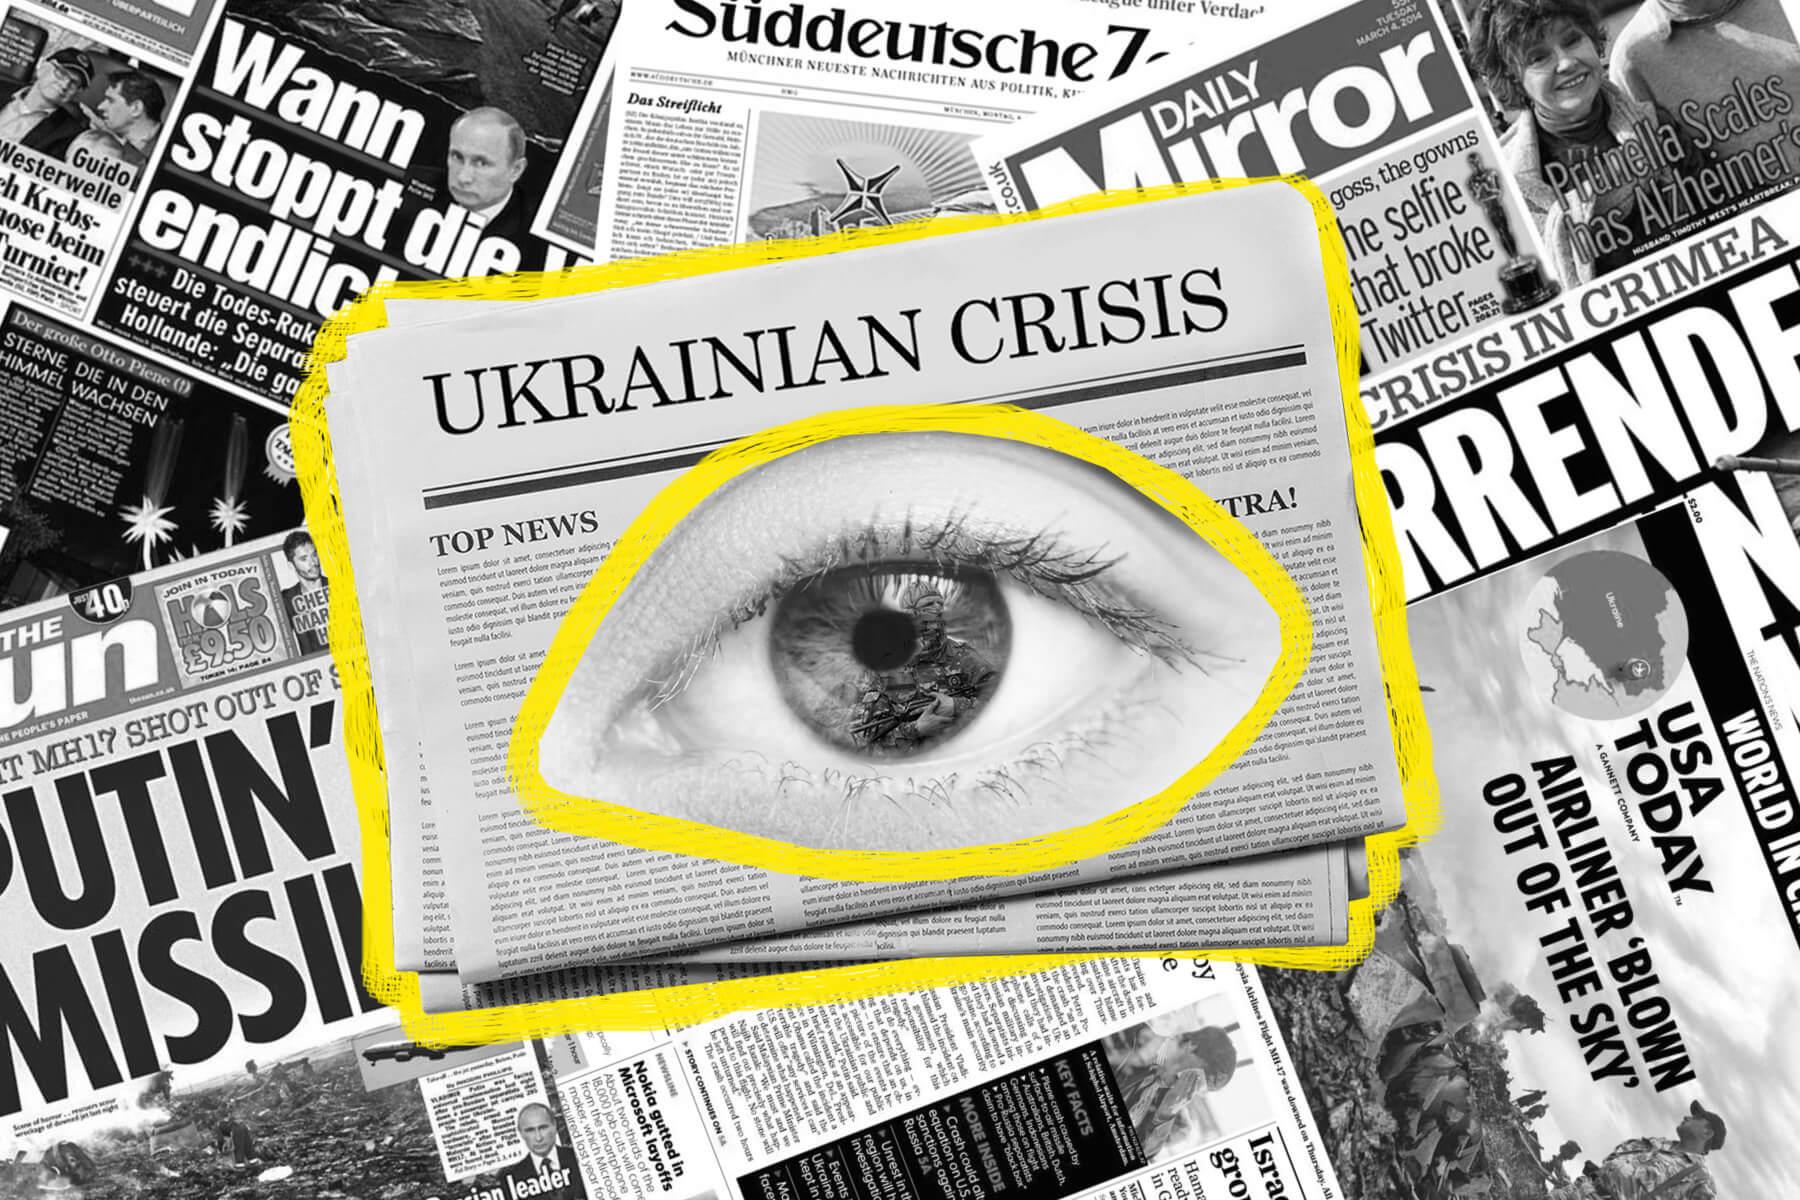 Сприйняття анексії Криму та війни на Донбасі у британському публічному дискурсі, 2013-2019